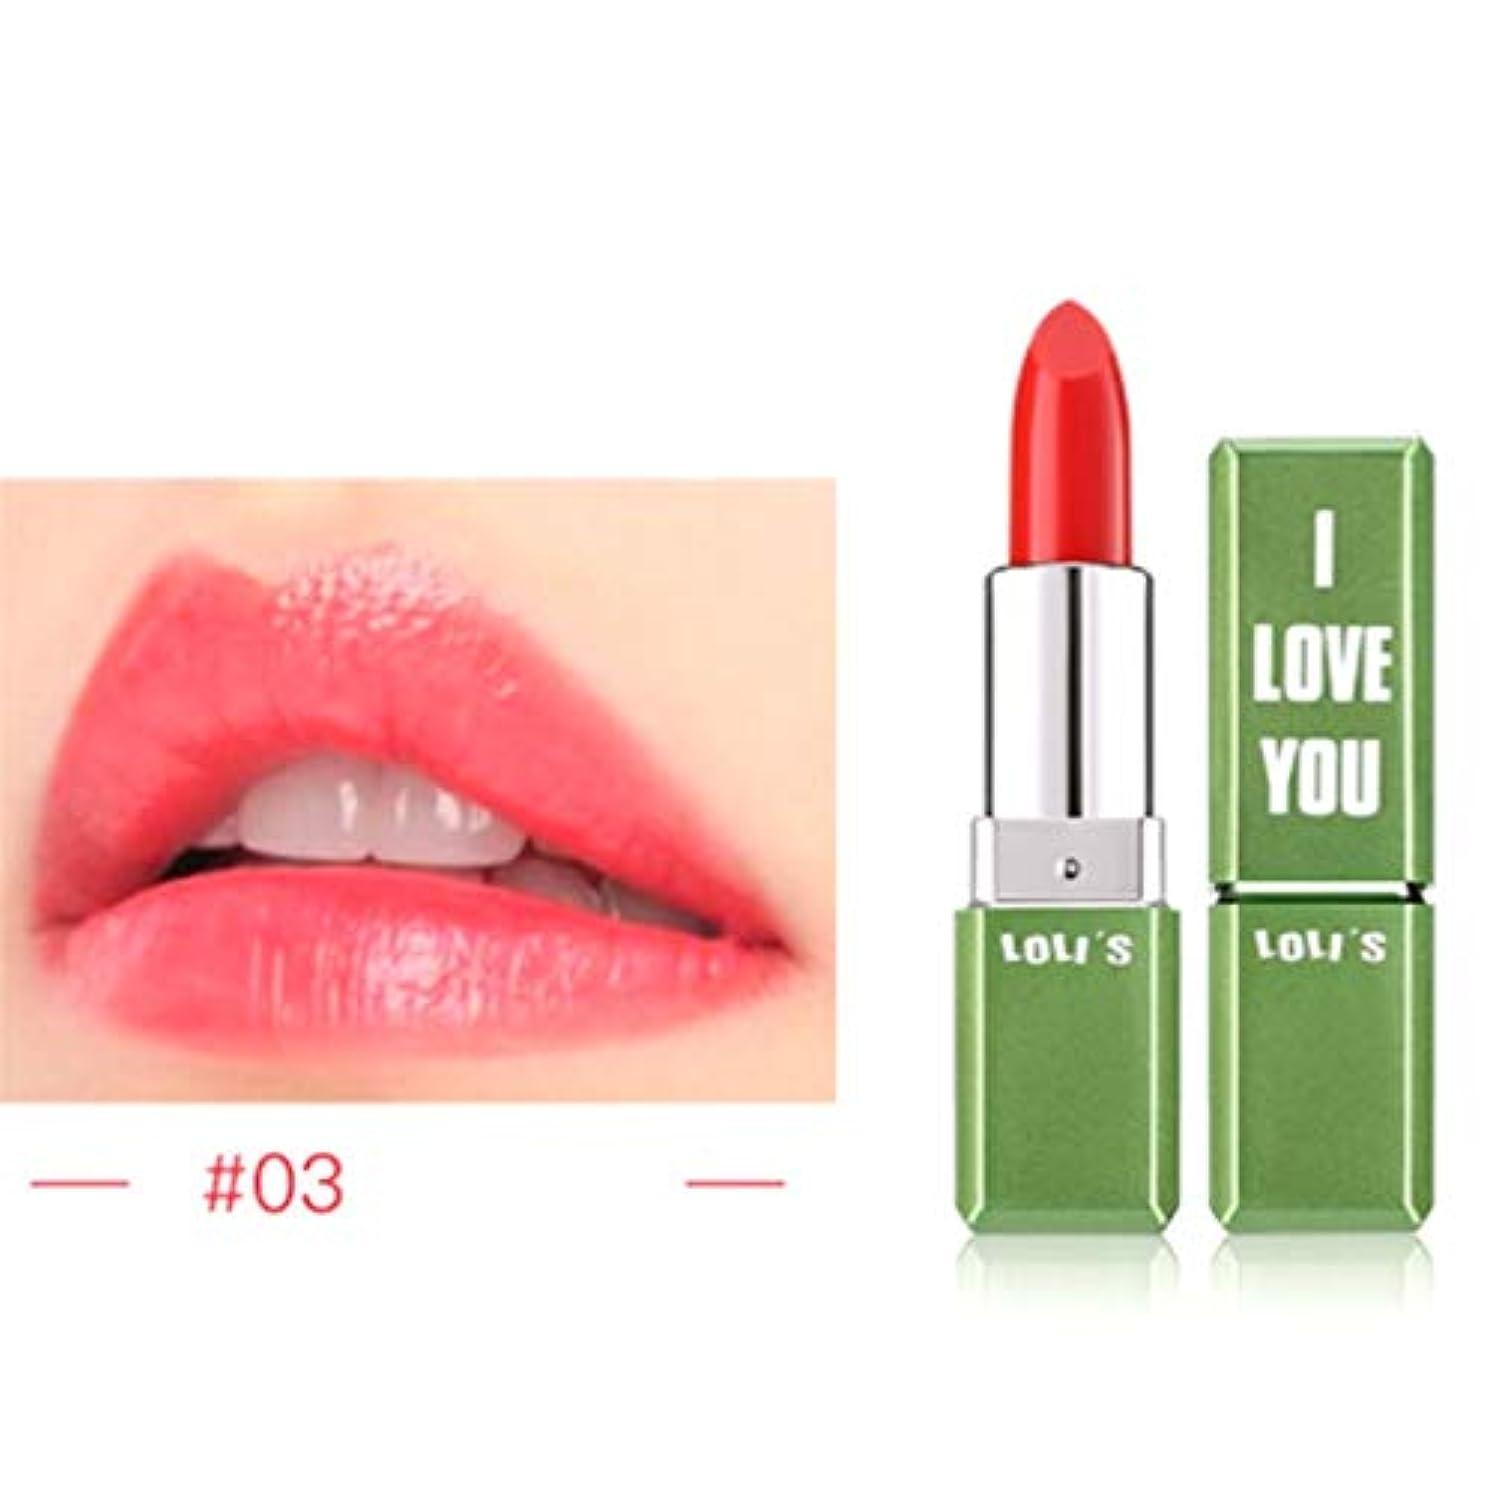 束ねる立場ふける温度変更緑茶口紅メイクアップリップスティック長持ちモイスチャライザーセクシーな顔料の女性の美容化粧品ツール